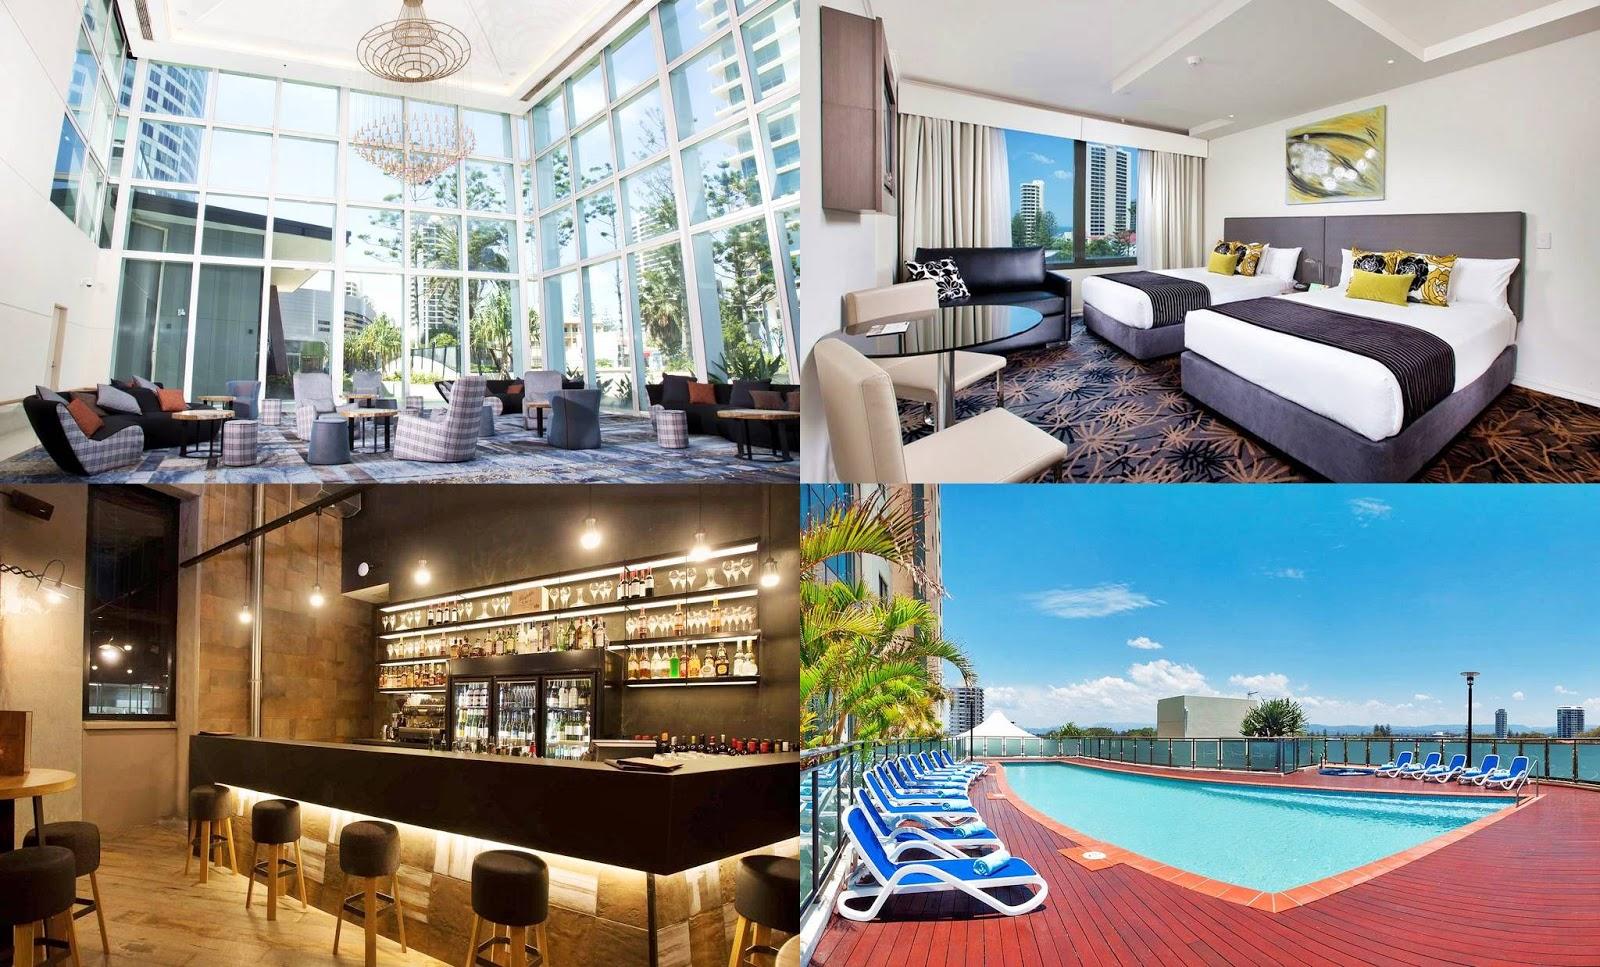 黃金海岸-住宿-推薦-飯店-酒店-旅館-民宿-公寓-水印酒店和水療中心-Watermark-Spa-旅遊-澳洲-Gold-Coast-Hotel-Apartment-Australia